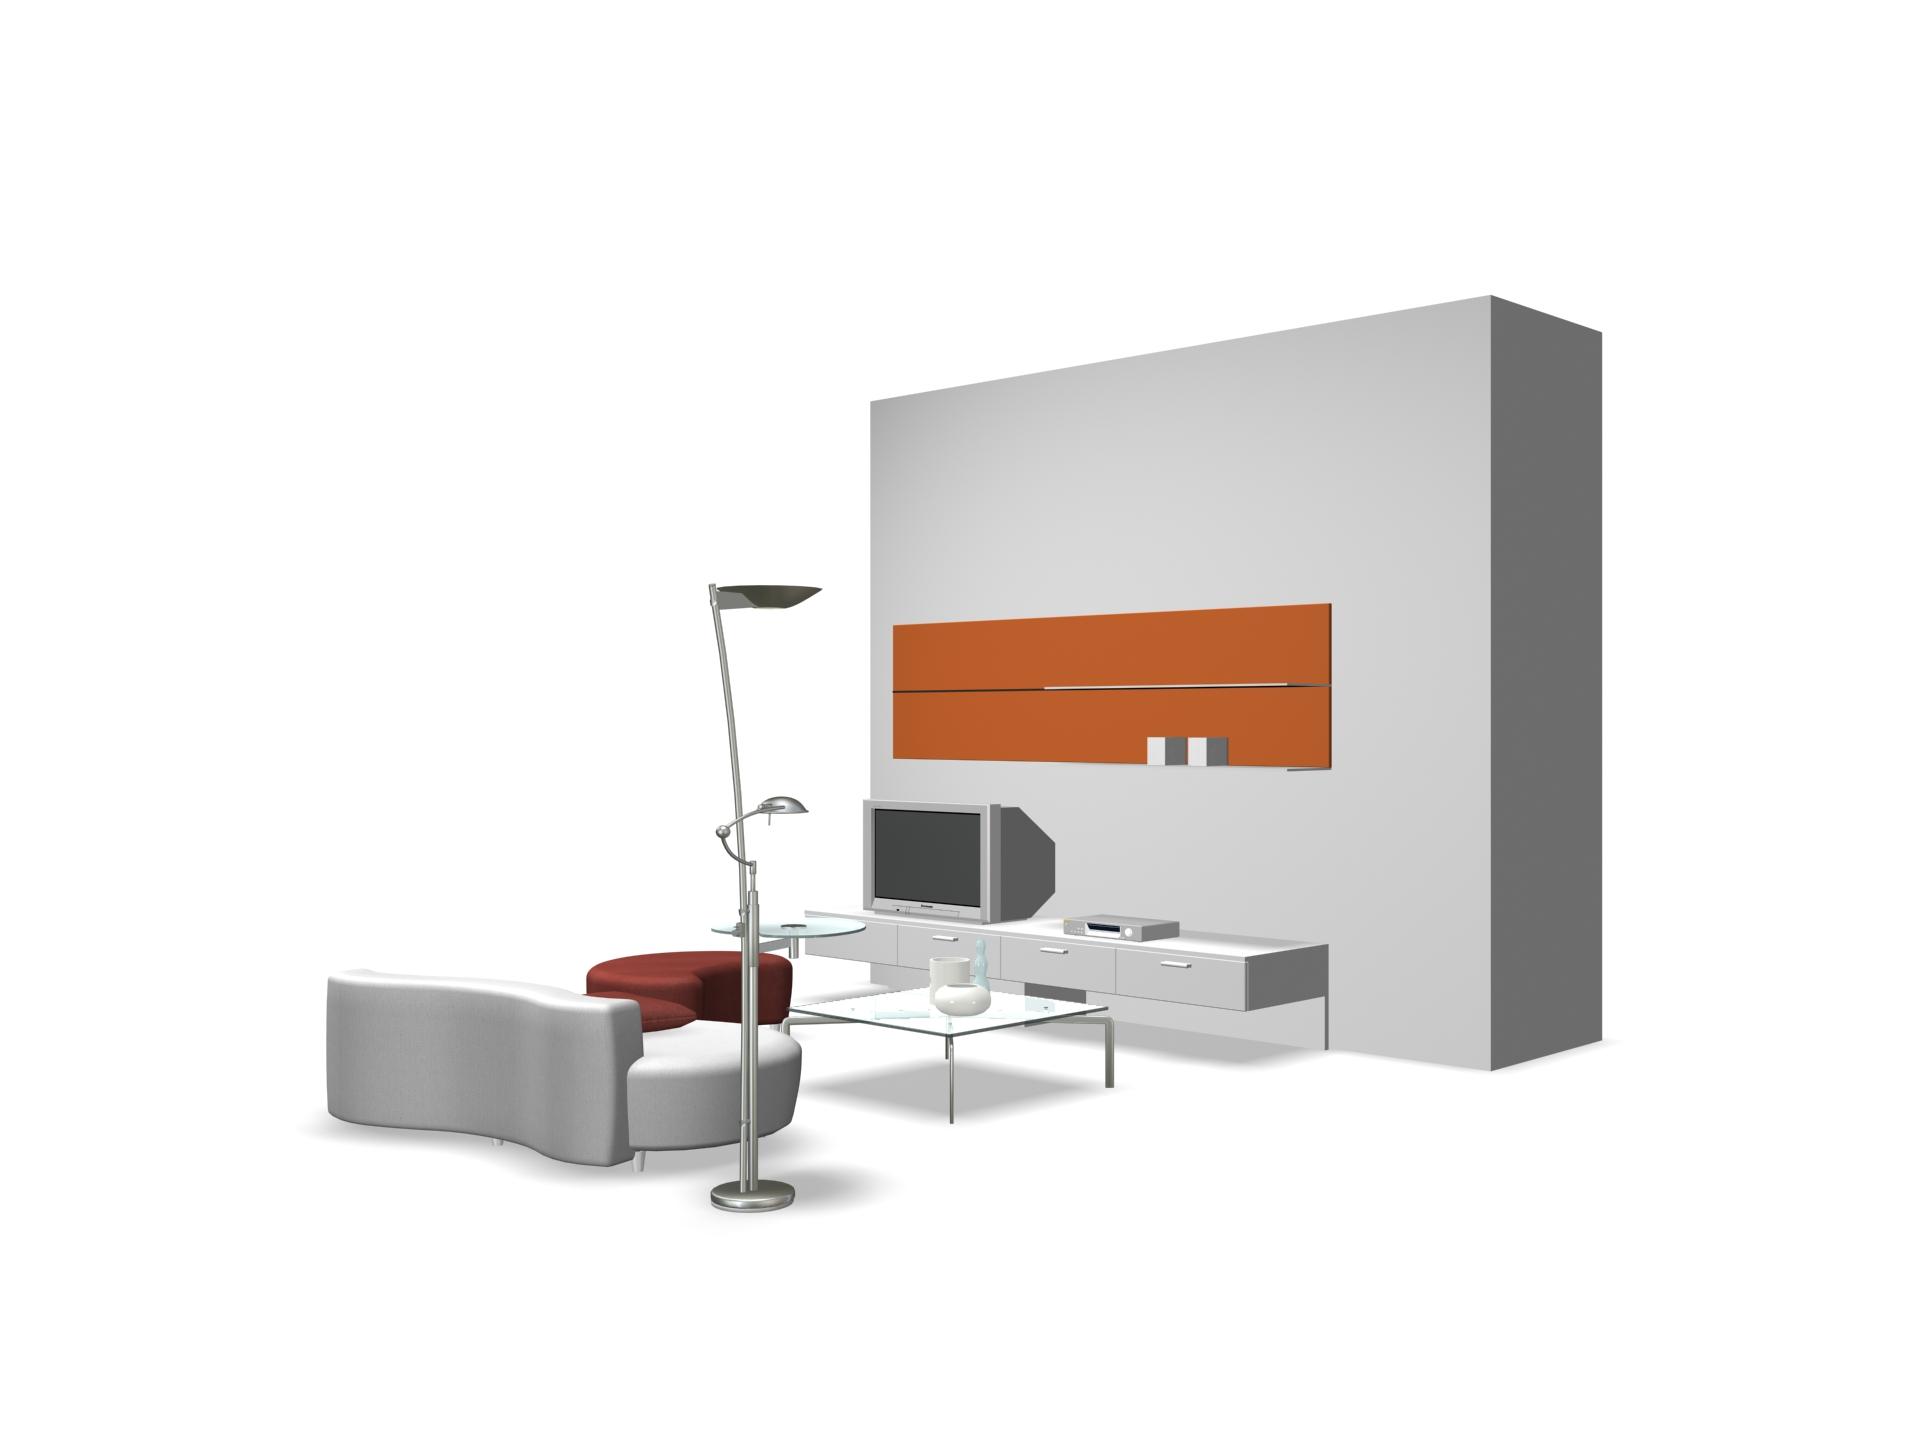 furniture sas 002 3d model download free 3d models download. Black Bedroom Furniture Sets. Home Design Ideas